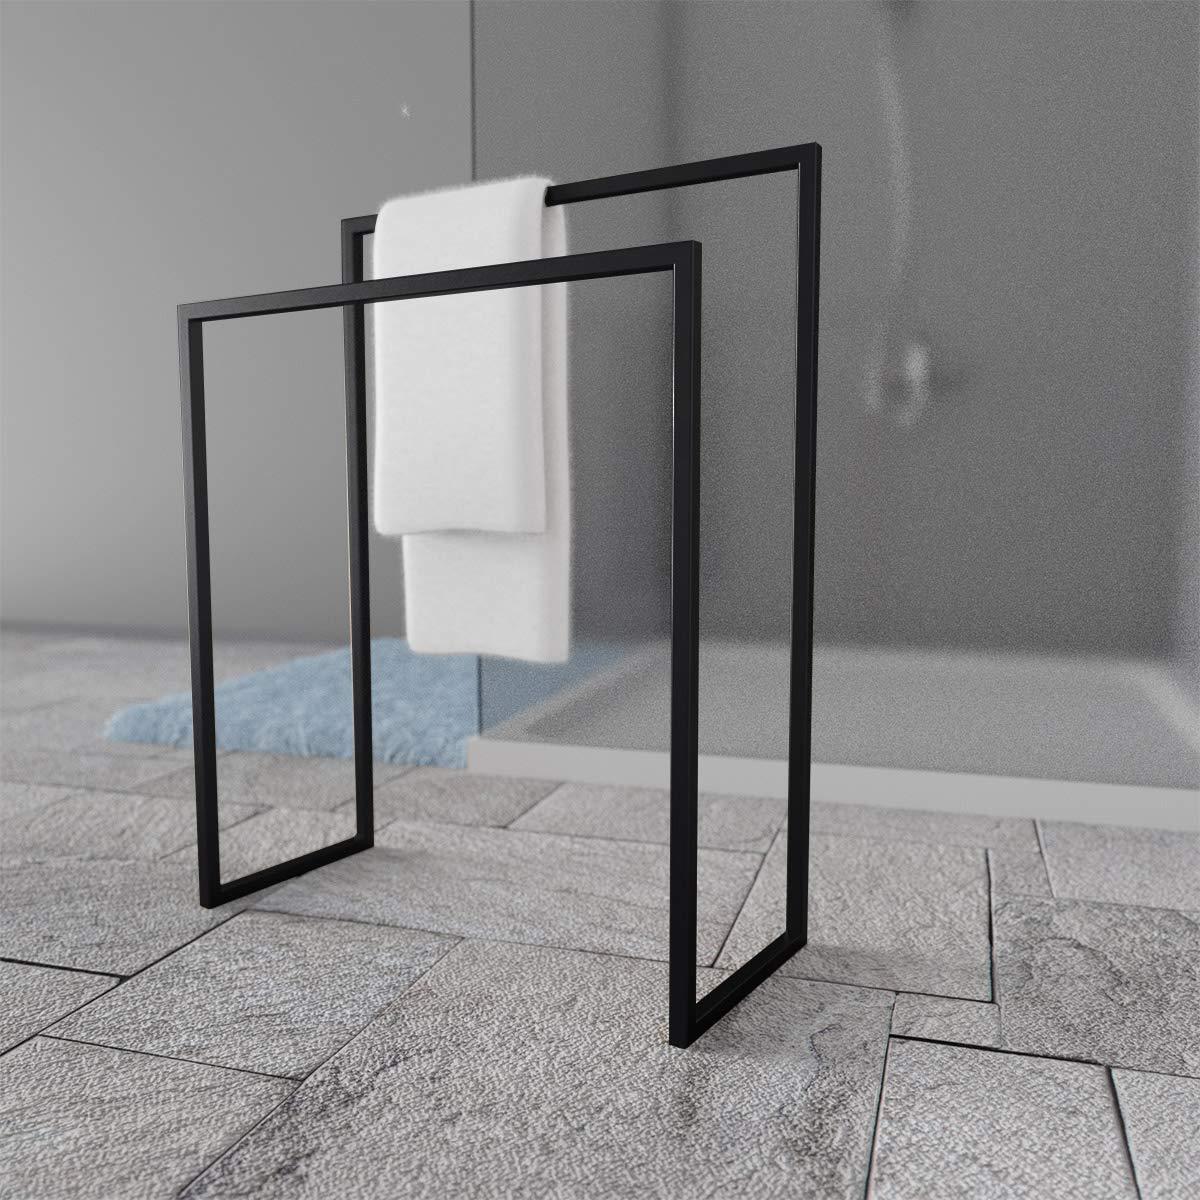 HOLZBRINK Metall Handtuchhalter für Badezimmer Badezimmer Badezimmer Kleiderständer Freistehender Handtuchständer mit 2 Stangen, Tiefschwarz, 72x60x20 cm (HxBxT), HLMH-01-72-60-9005 B07P9QZM6T Handtuchstnder 52cc2f